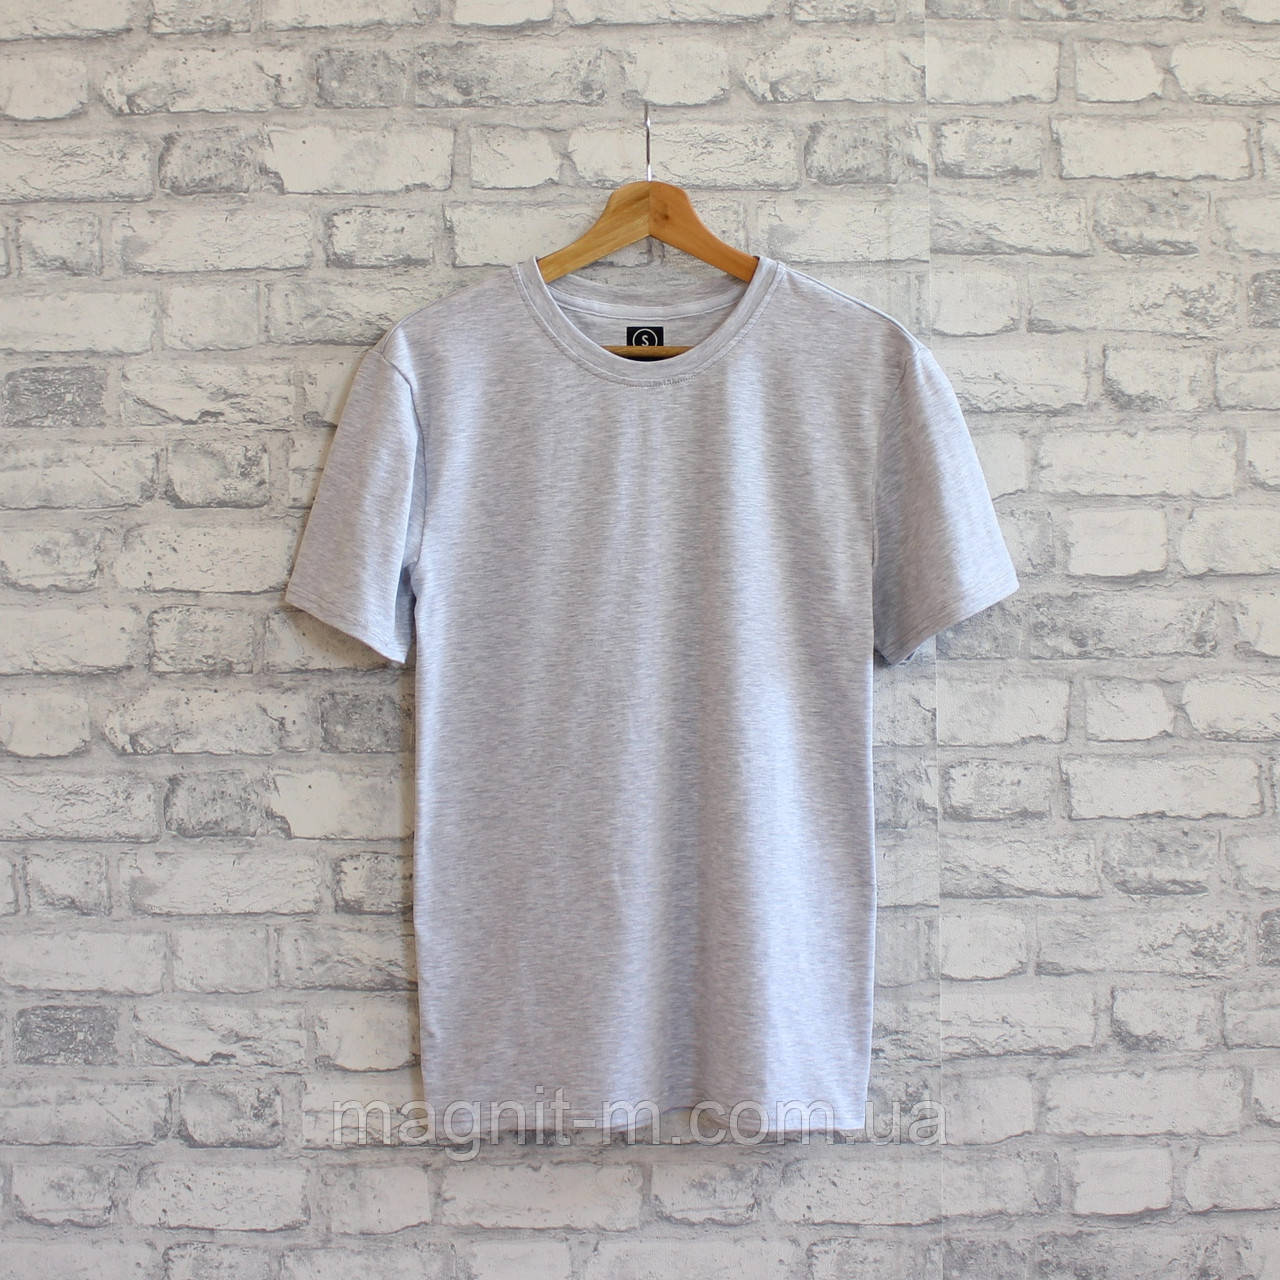 Жіноча футболка з турецької тканини високої якості. Сірий колір. №02.